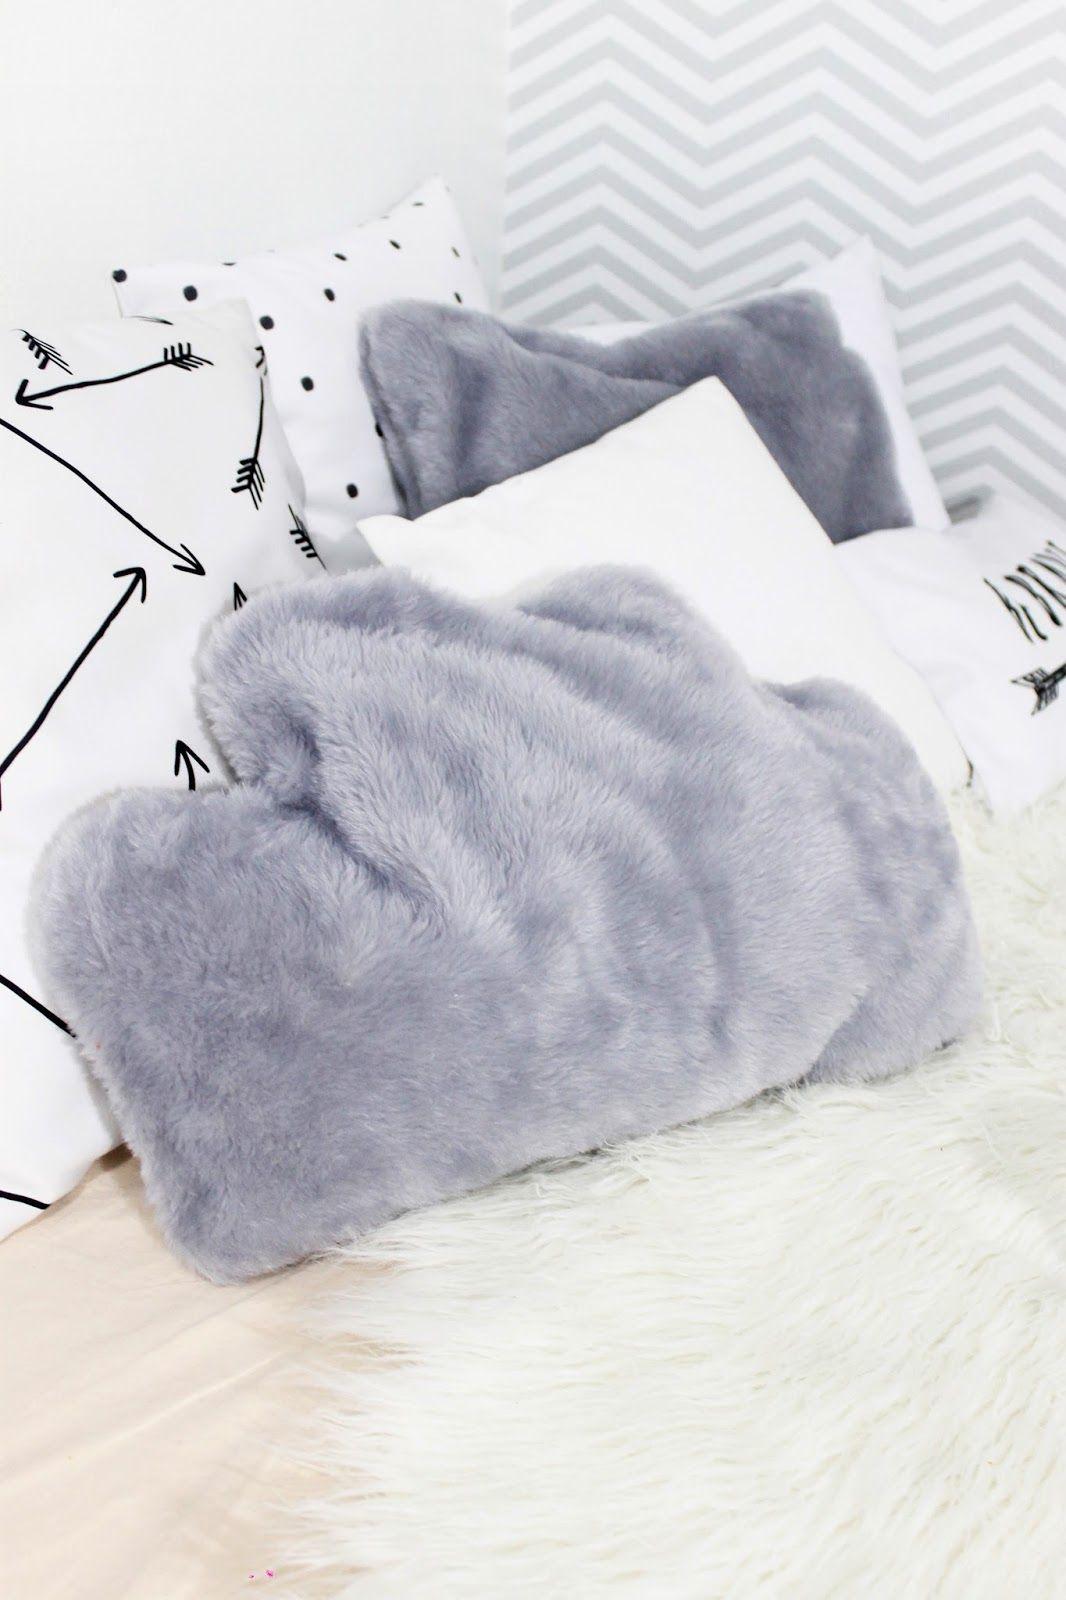 DIY Almofada de Nuvem para Decor super fofa! Esse faça você mesmo é rápido, simples e deixa a decor do seu quarto muito mais linda!